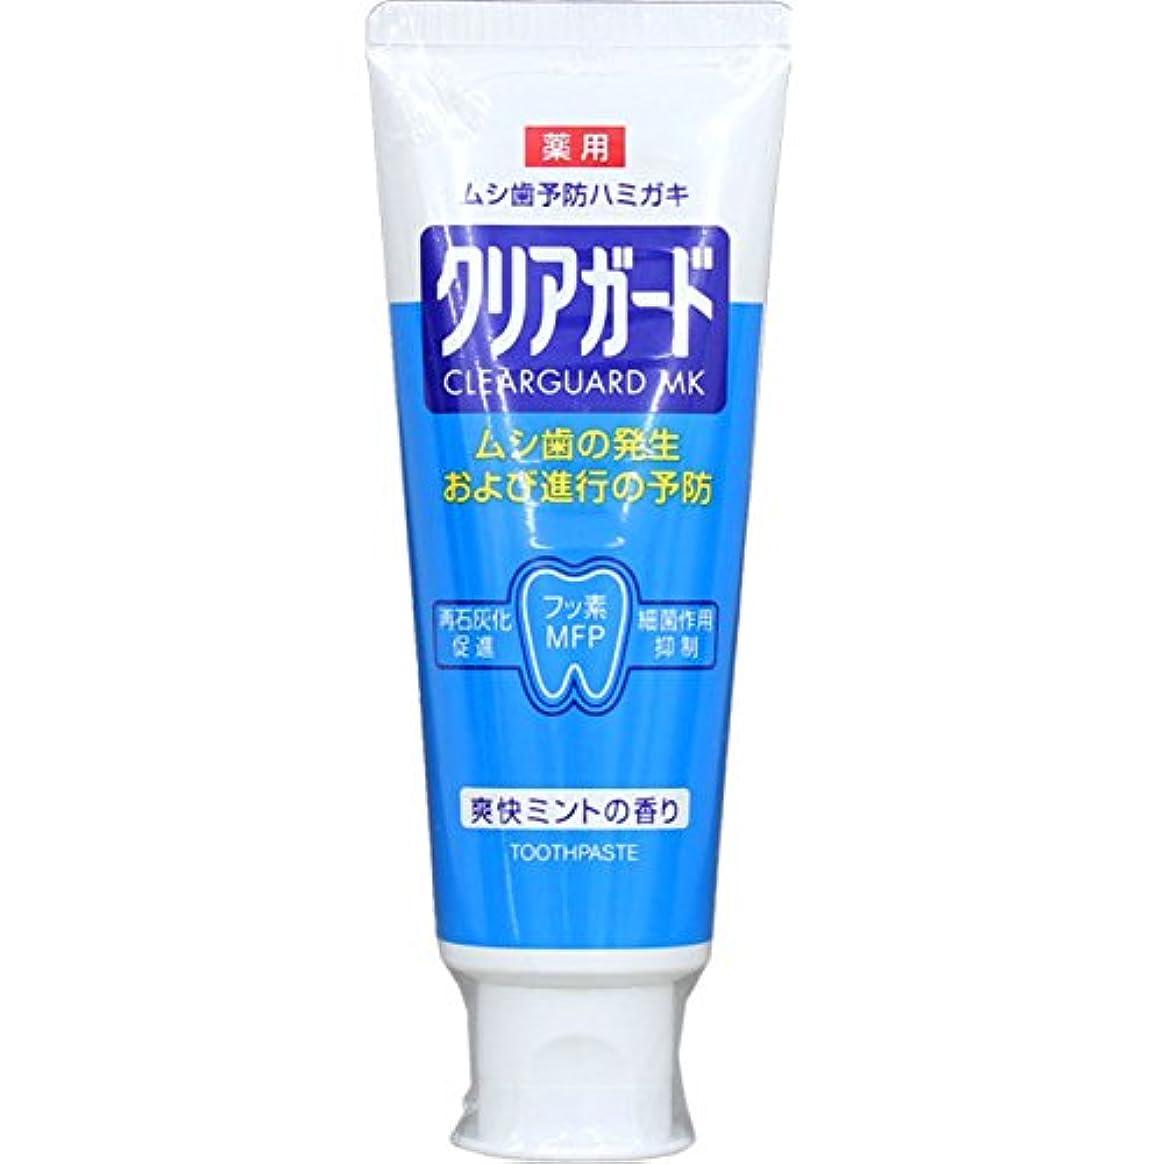 剛性パリティ評論家薬用クリアガード 160g (医薬部外品)